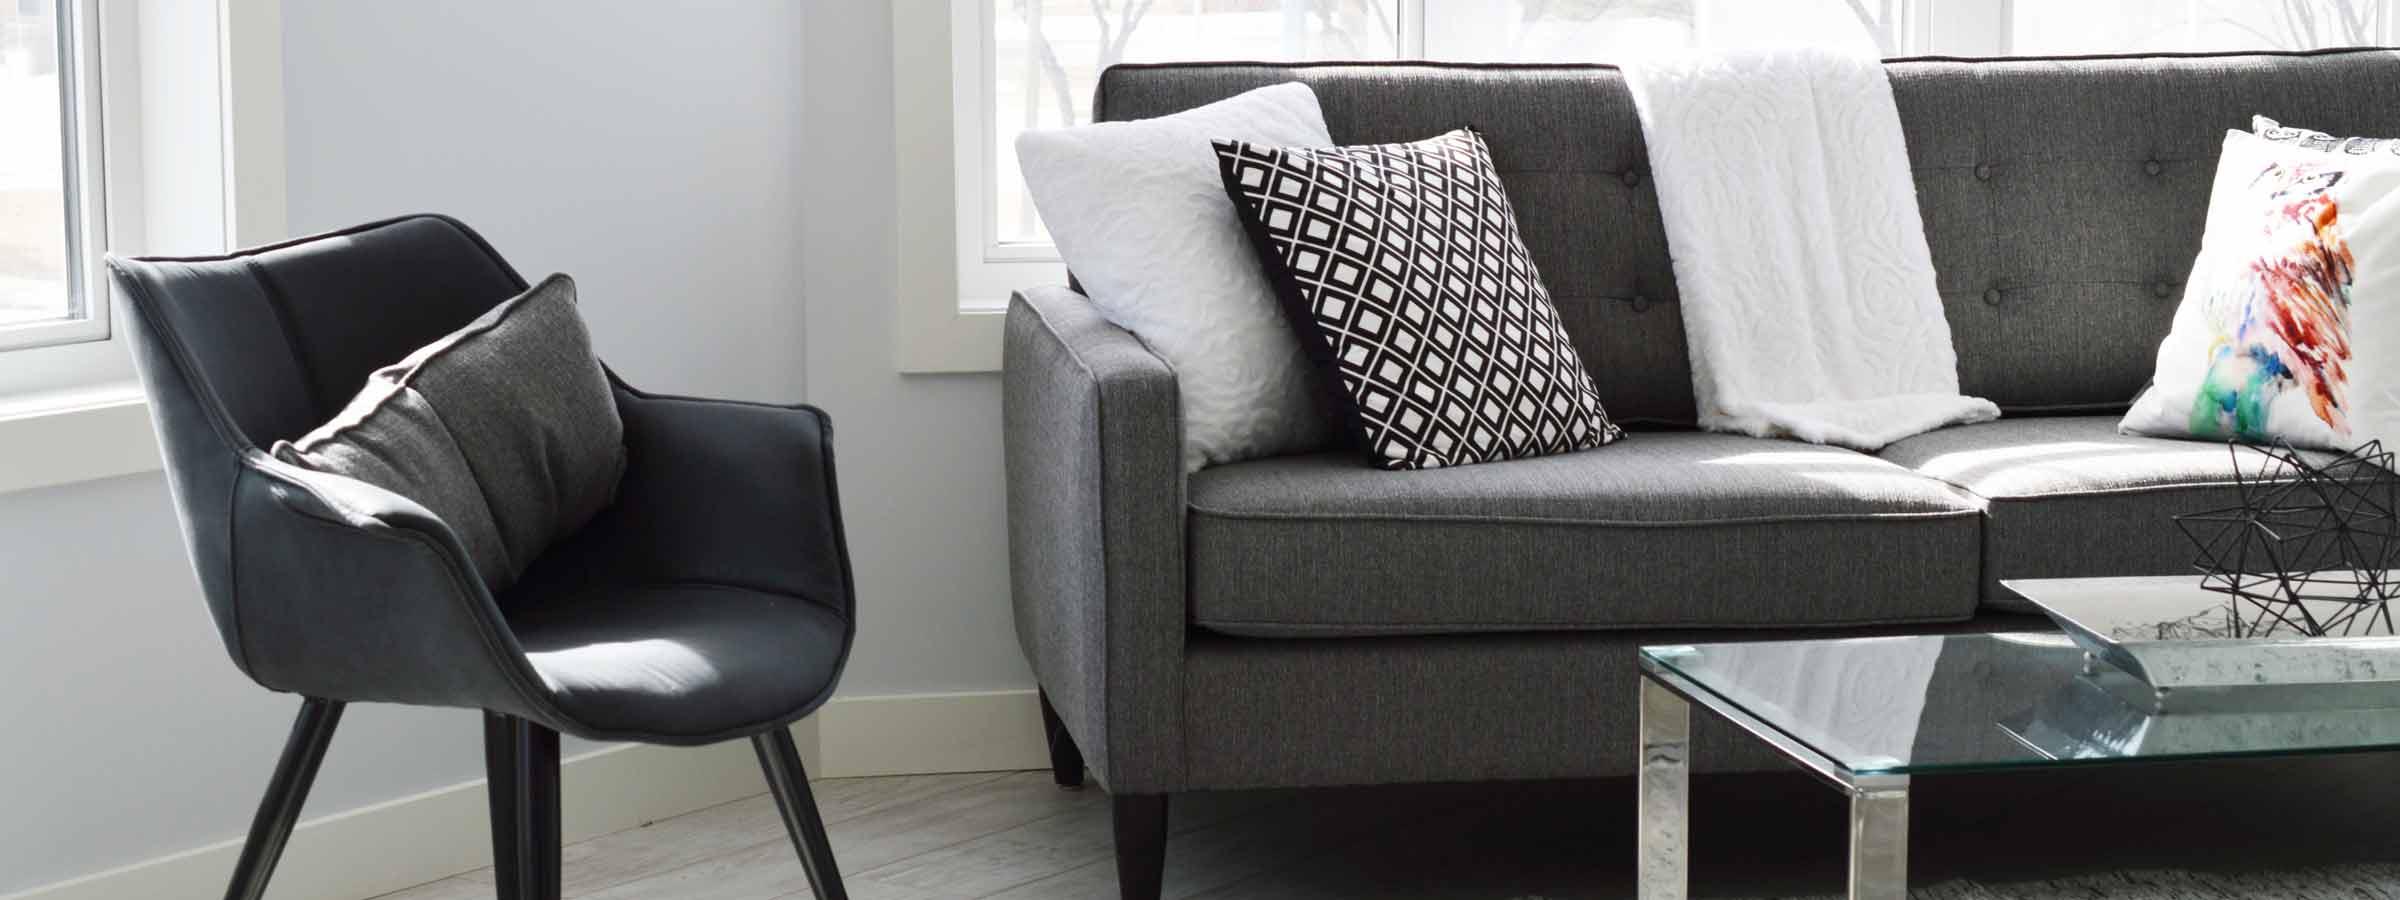 Vista di un salone con poltroncina nera e divano con cuscini ricamati